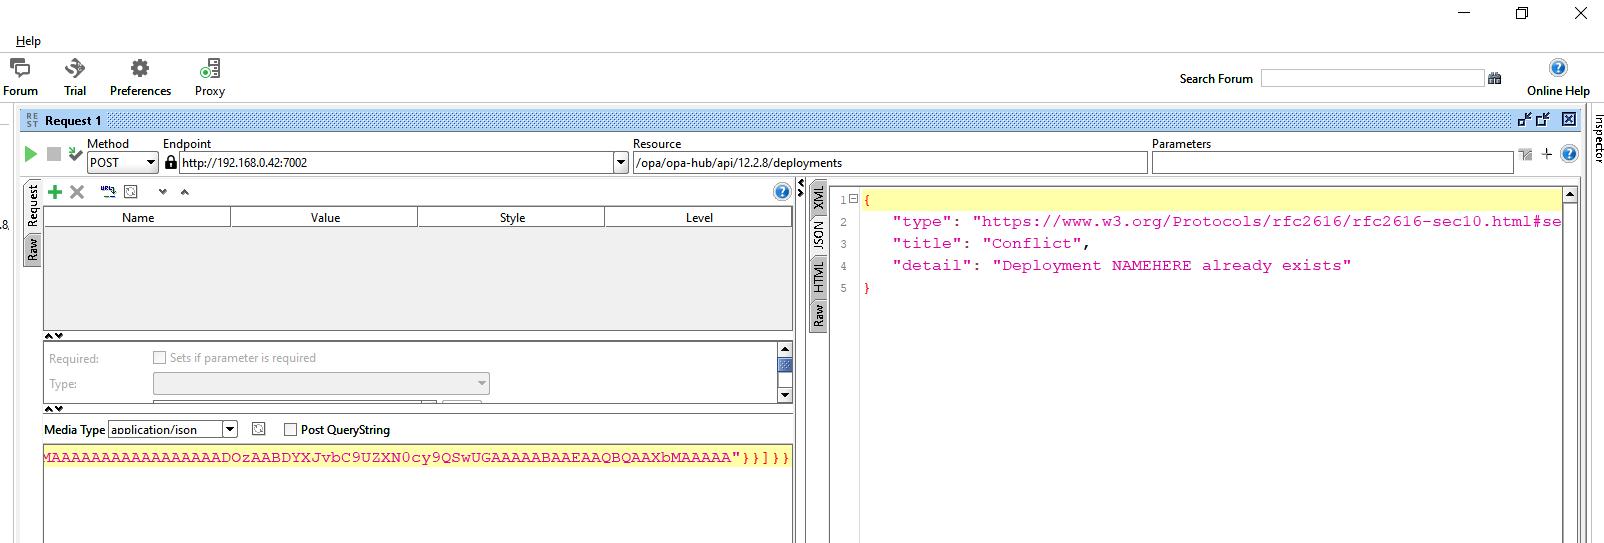 Oracle Intelligent Advisor REST API Authorization